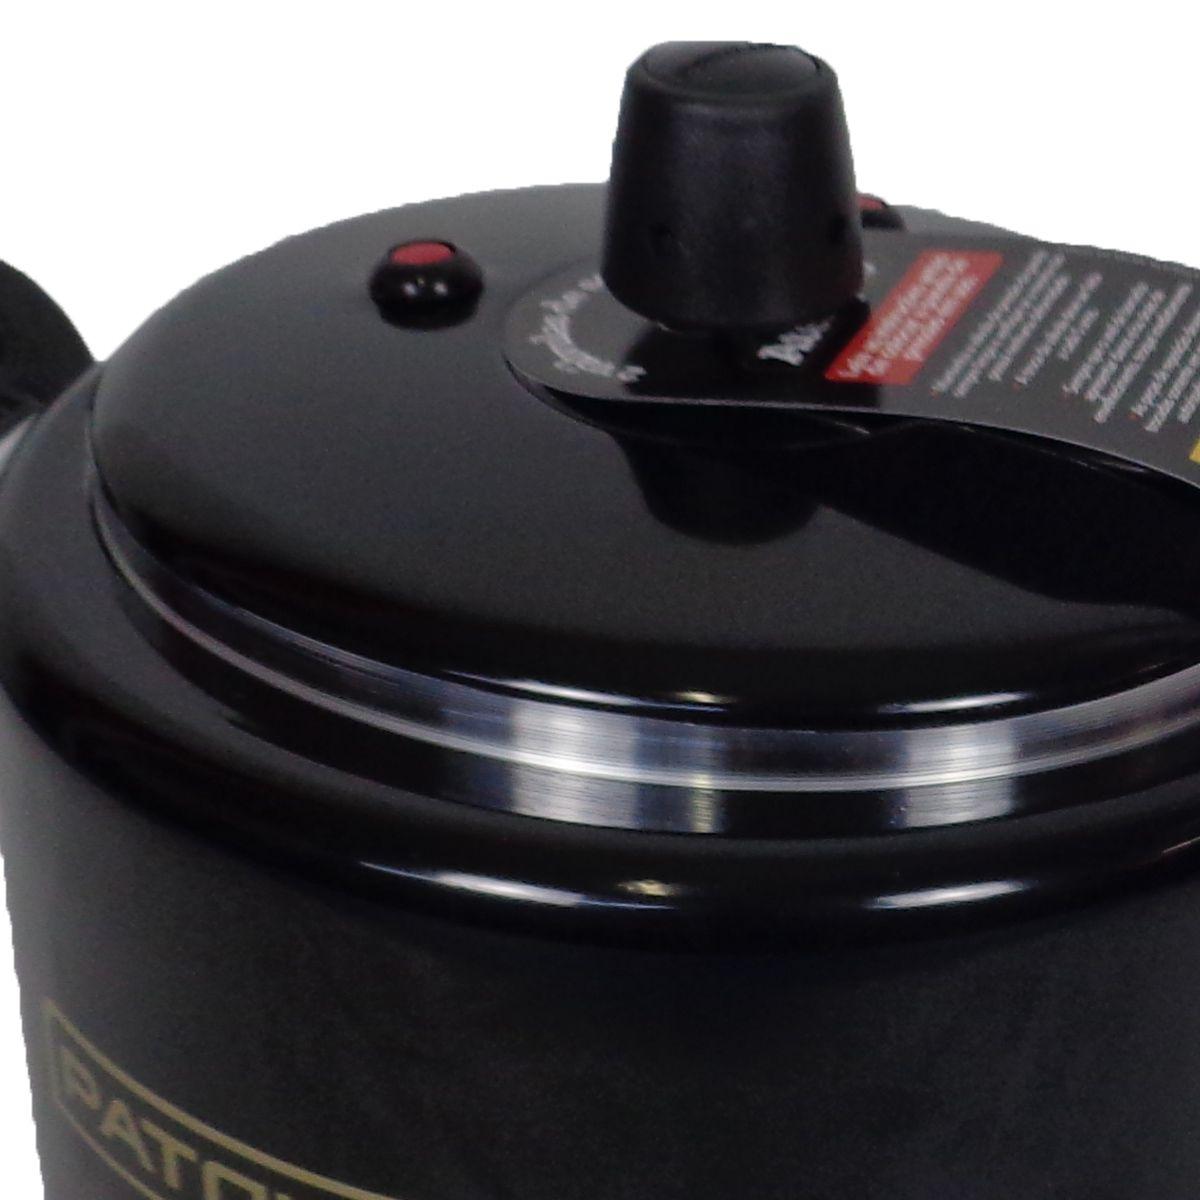 Panela De Pressão Preta 5 Litros Reforçada 2 Válvulas segurança Patolux